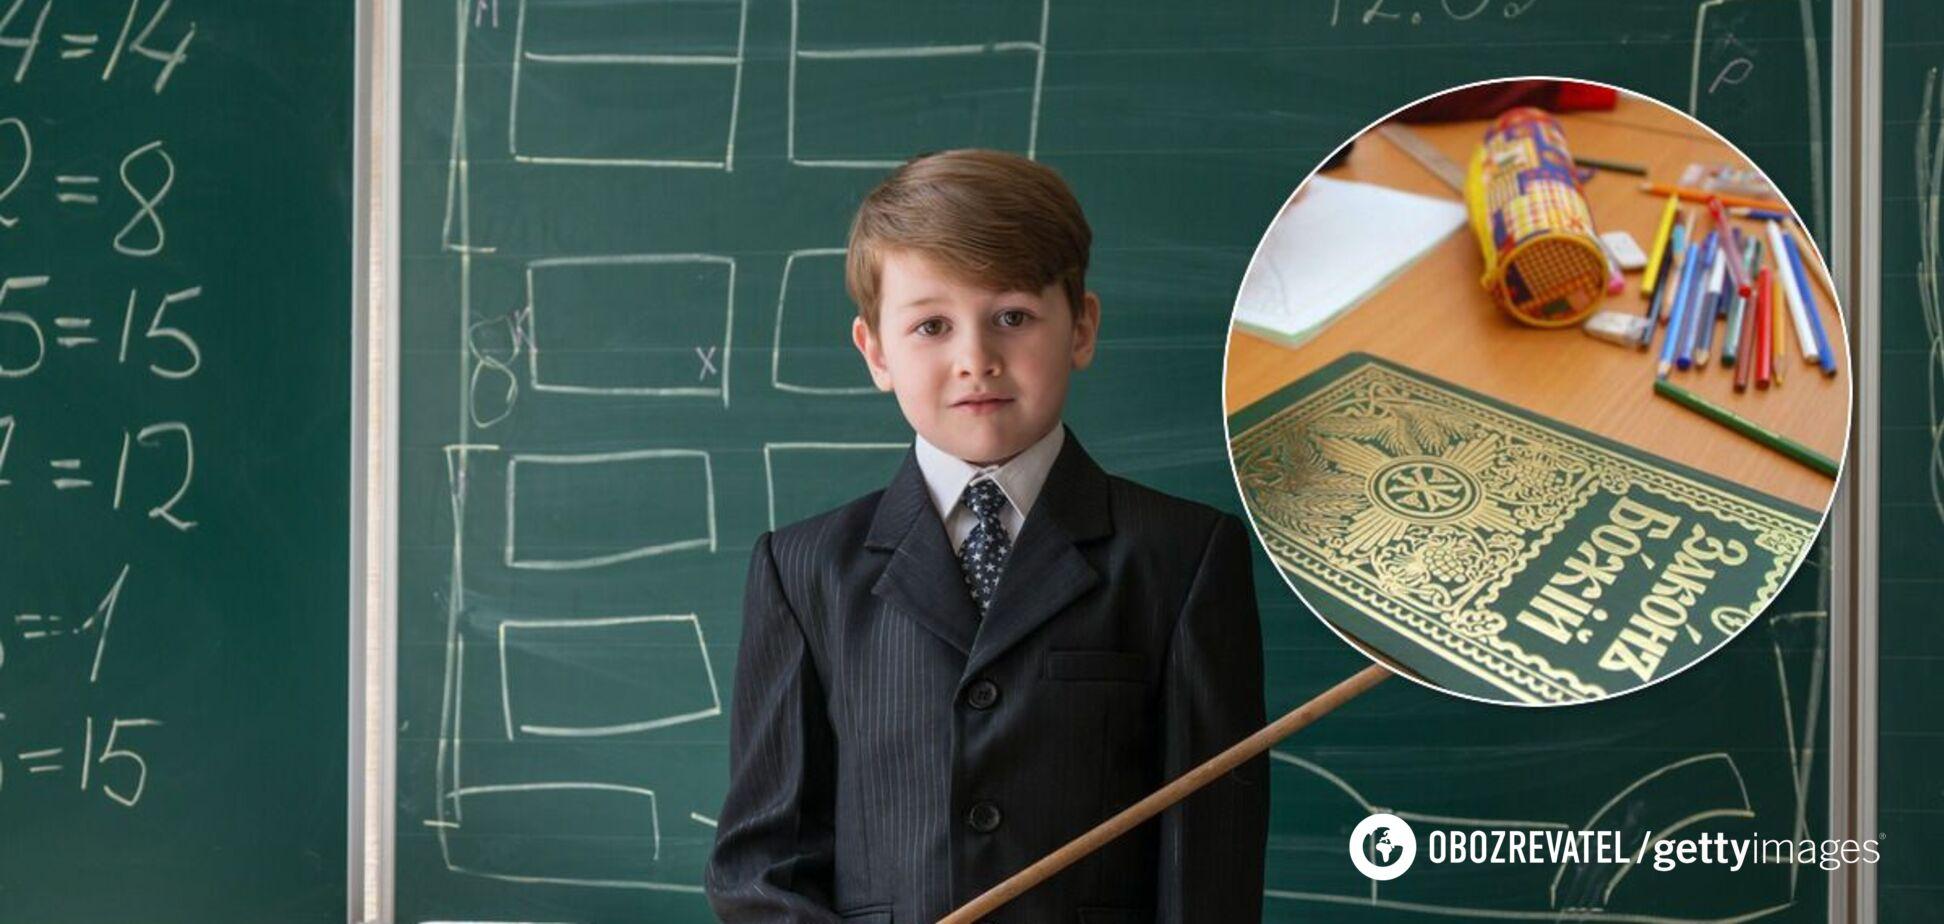 У МОН запропонували зробити християнську етику обов'язковою в школі: думки розділилися